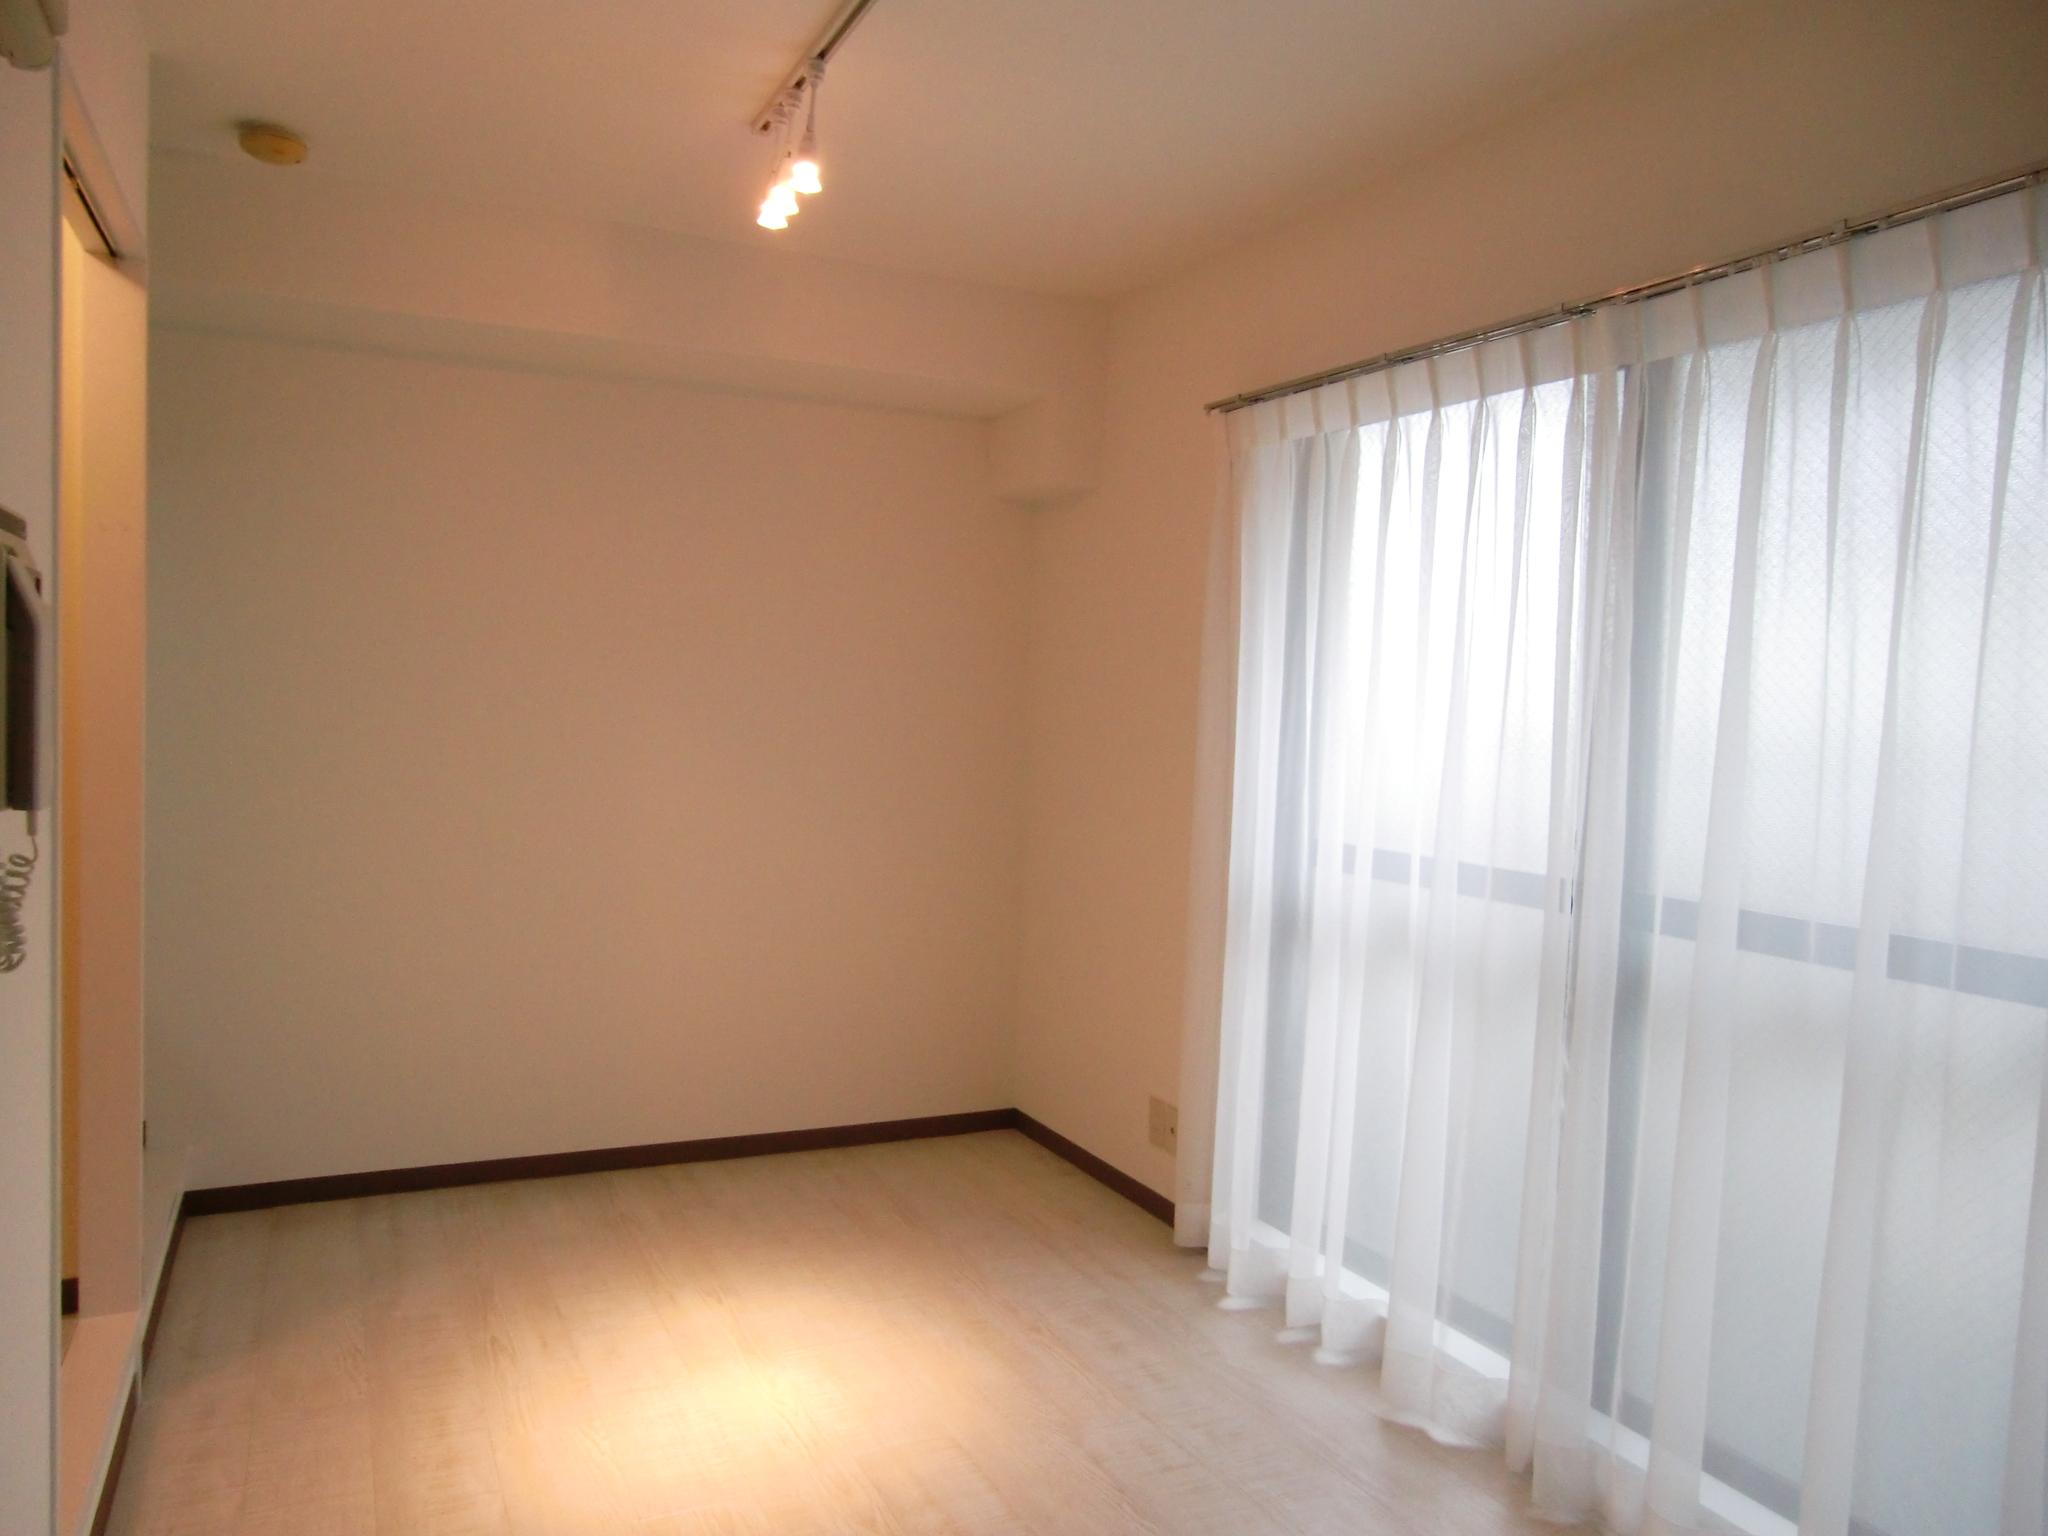 家具も一緒にプレゼント!?小さいワンルームもおしゃれに変身♬・空室対策後